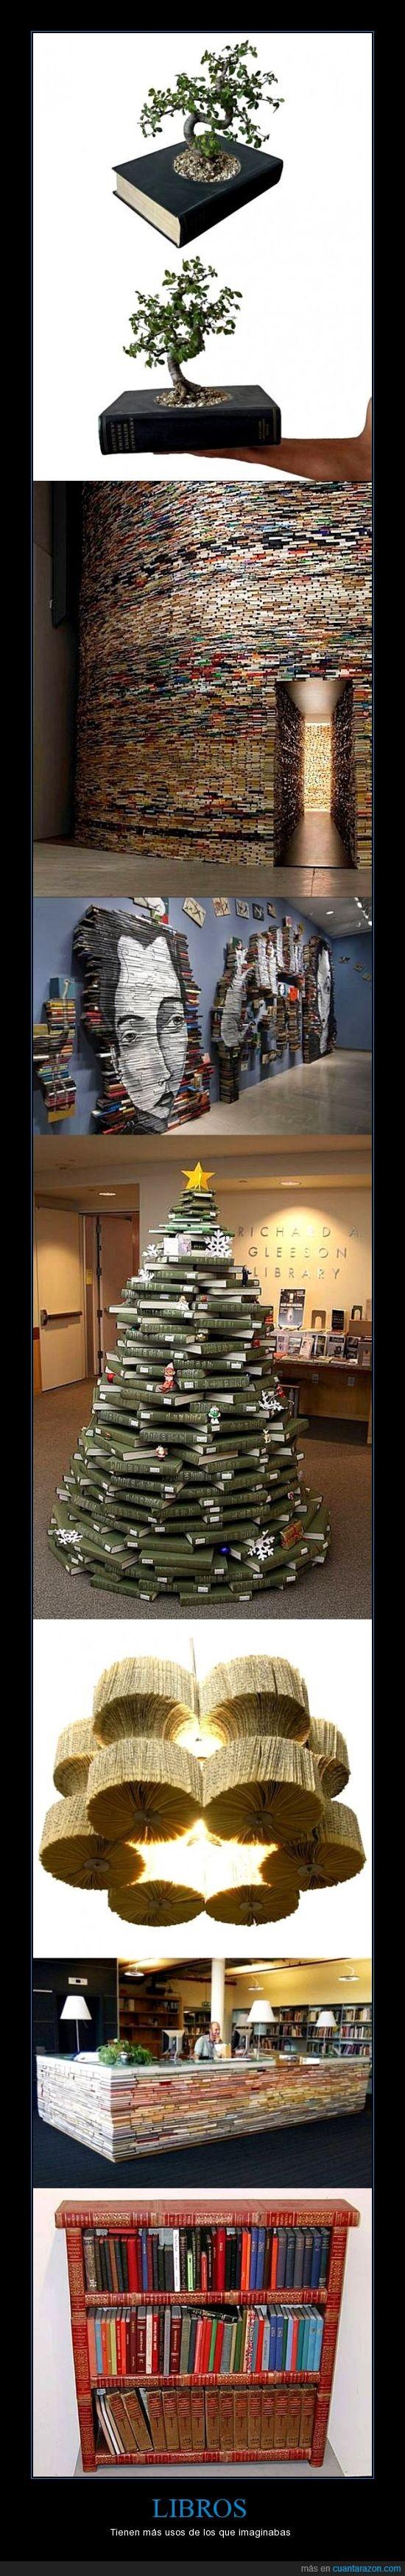 arbol,bonsai,estantería,libros,maceta,navidad,pared